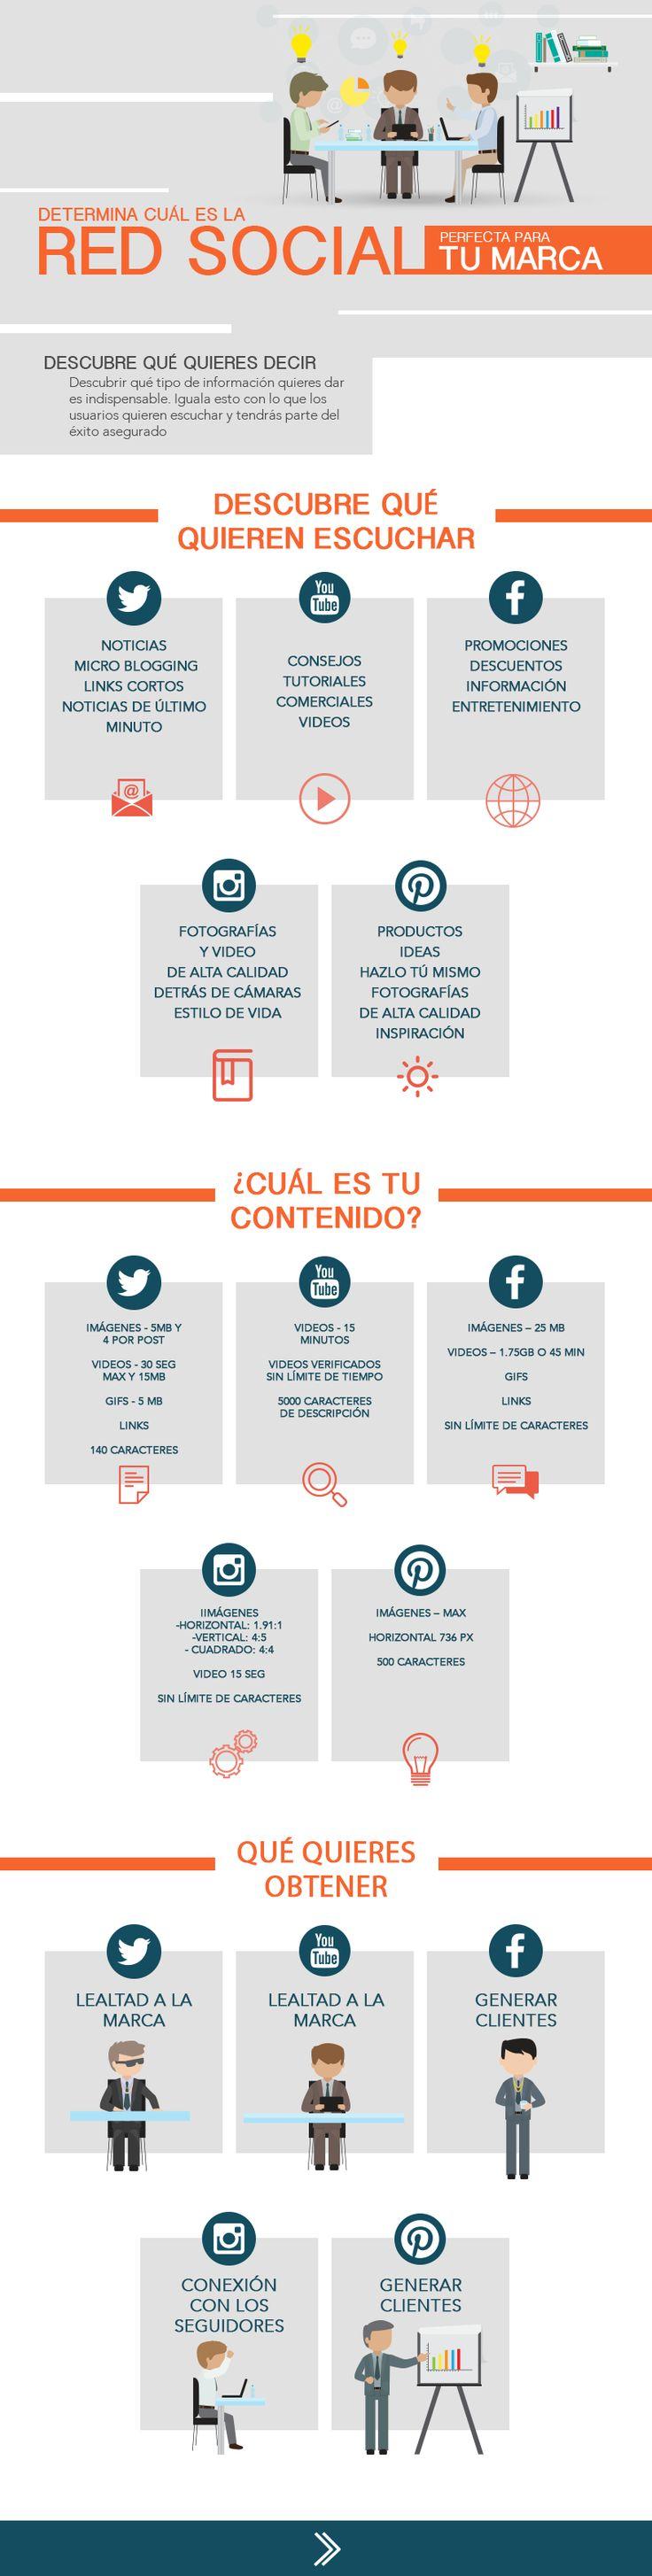 Determina cuál es la Red Social perfecta para tu Marca #infografia #infographic #socialmedia